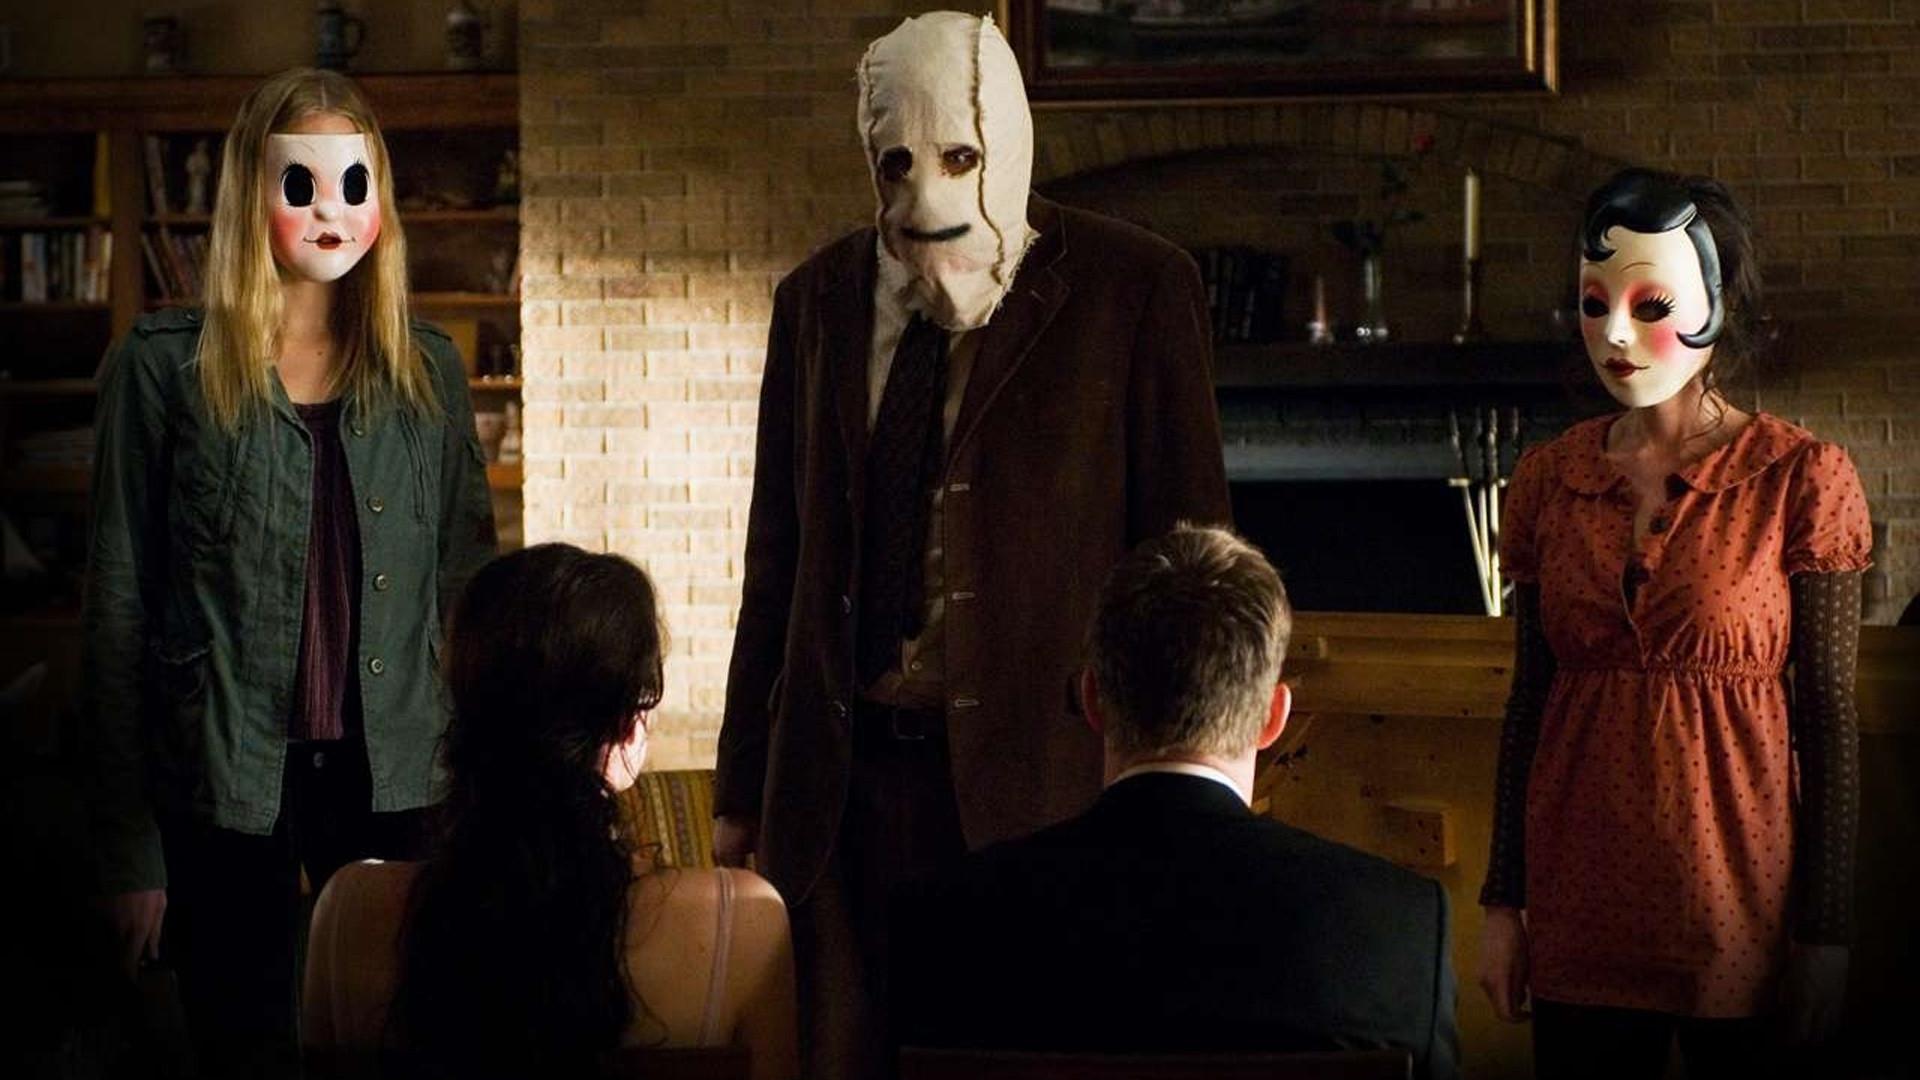 Strangers Horror Movie